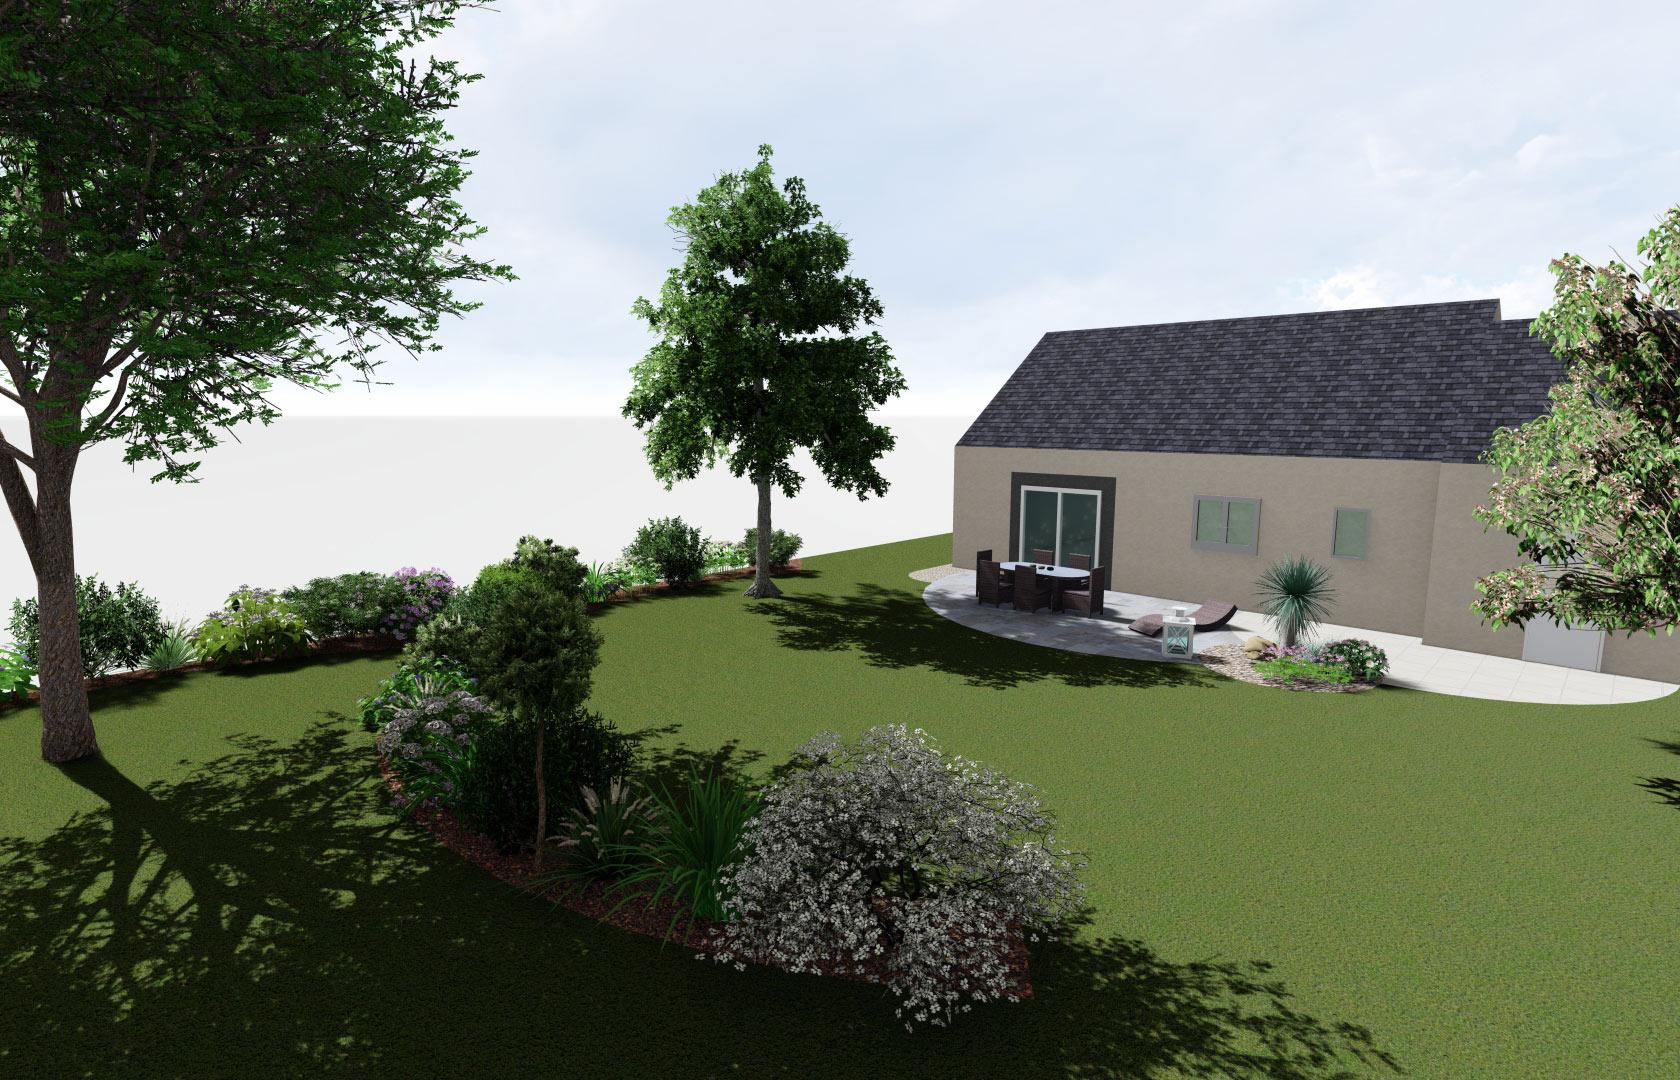 Equipe de professionnels du paysage, Serrault Jardins aménage votre jardin.